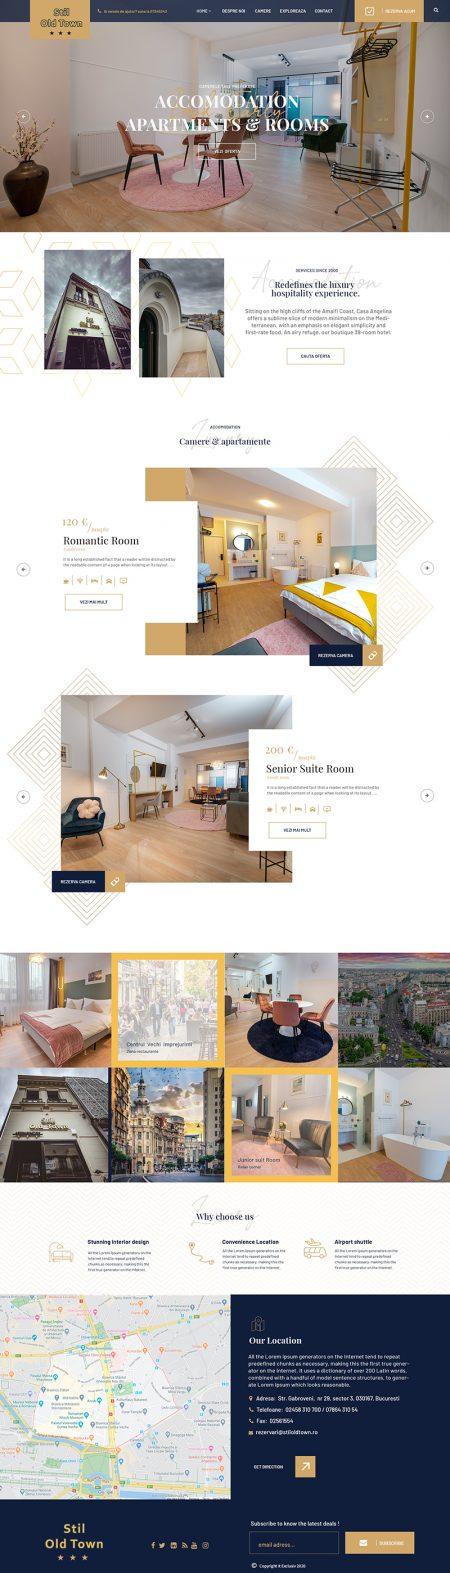 Stil Old Town Web Design